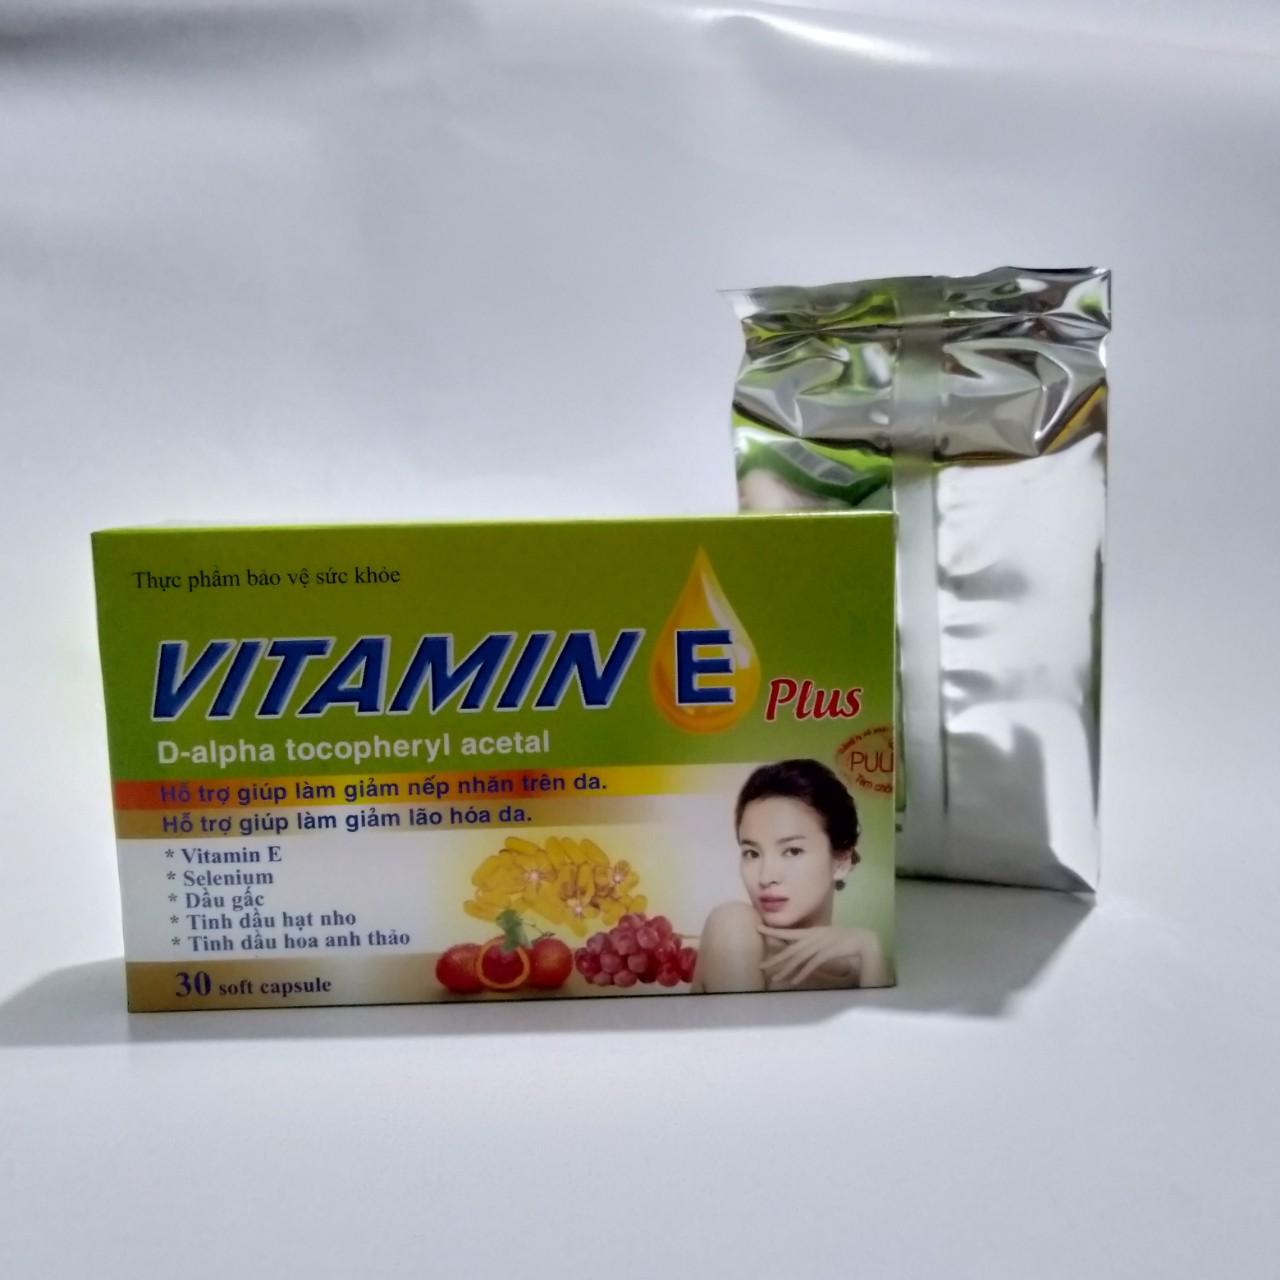 Bổ Sung Vitamin E Tự Nhiên, Tinh Dầu Hoa Anh Thảo, Dầu Gấc, Tinh Dầu Hạt Nho Vitamin E Plus Chống Lão Hóa, Làm đẹp Da, Trắng Da, Tăng Cường Nội Tiết Tố Nữ Giá Siêu Rẻ